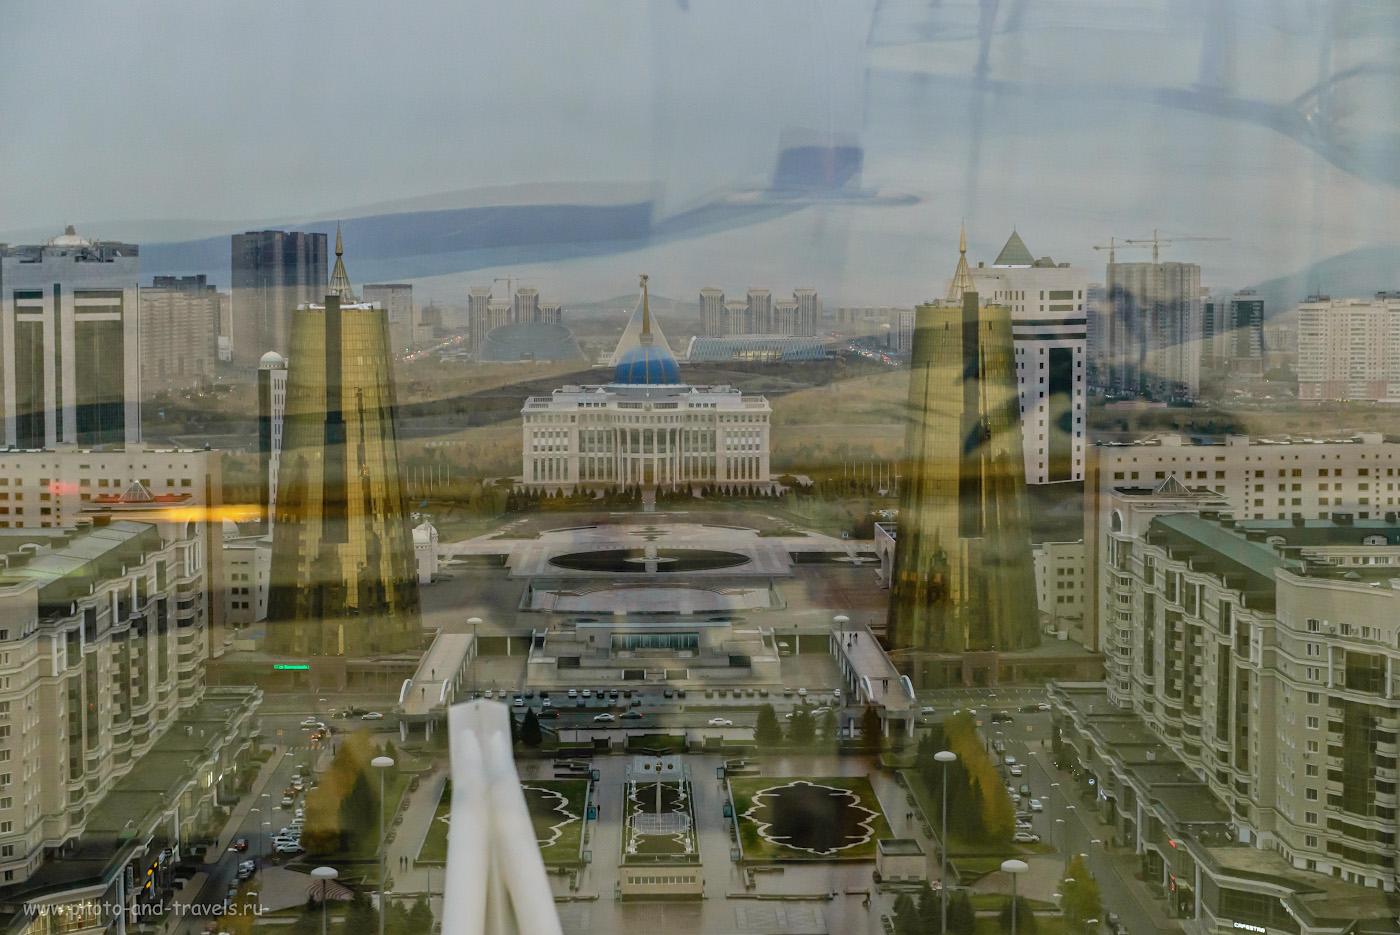 Фото 6. Вид на резиденцию президента «Ак Орда» со смотровой площадки внутри шара монумента «Байтерек». Вдали – пирамида Дворца мира и согласия и Дворец независимости, а также дворец творчества «Шабыт». Отзыв об экскурсии по достопримечательностям Астаны за полдня. 1/160, +0.33, 4.0, 4000, 70.